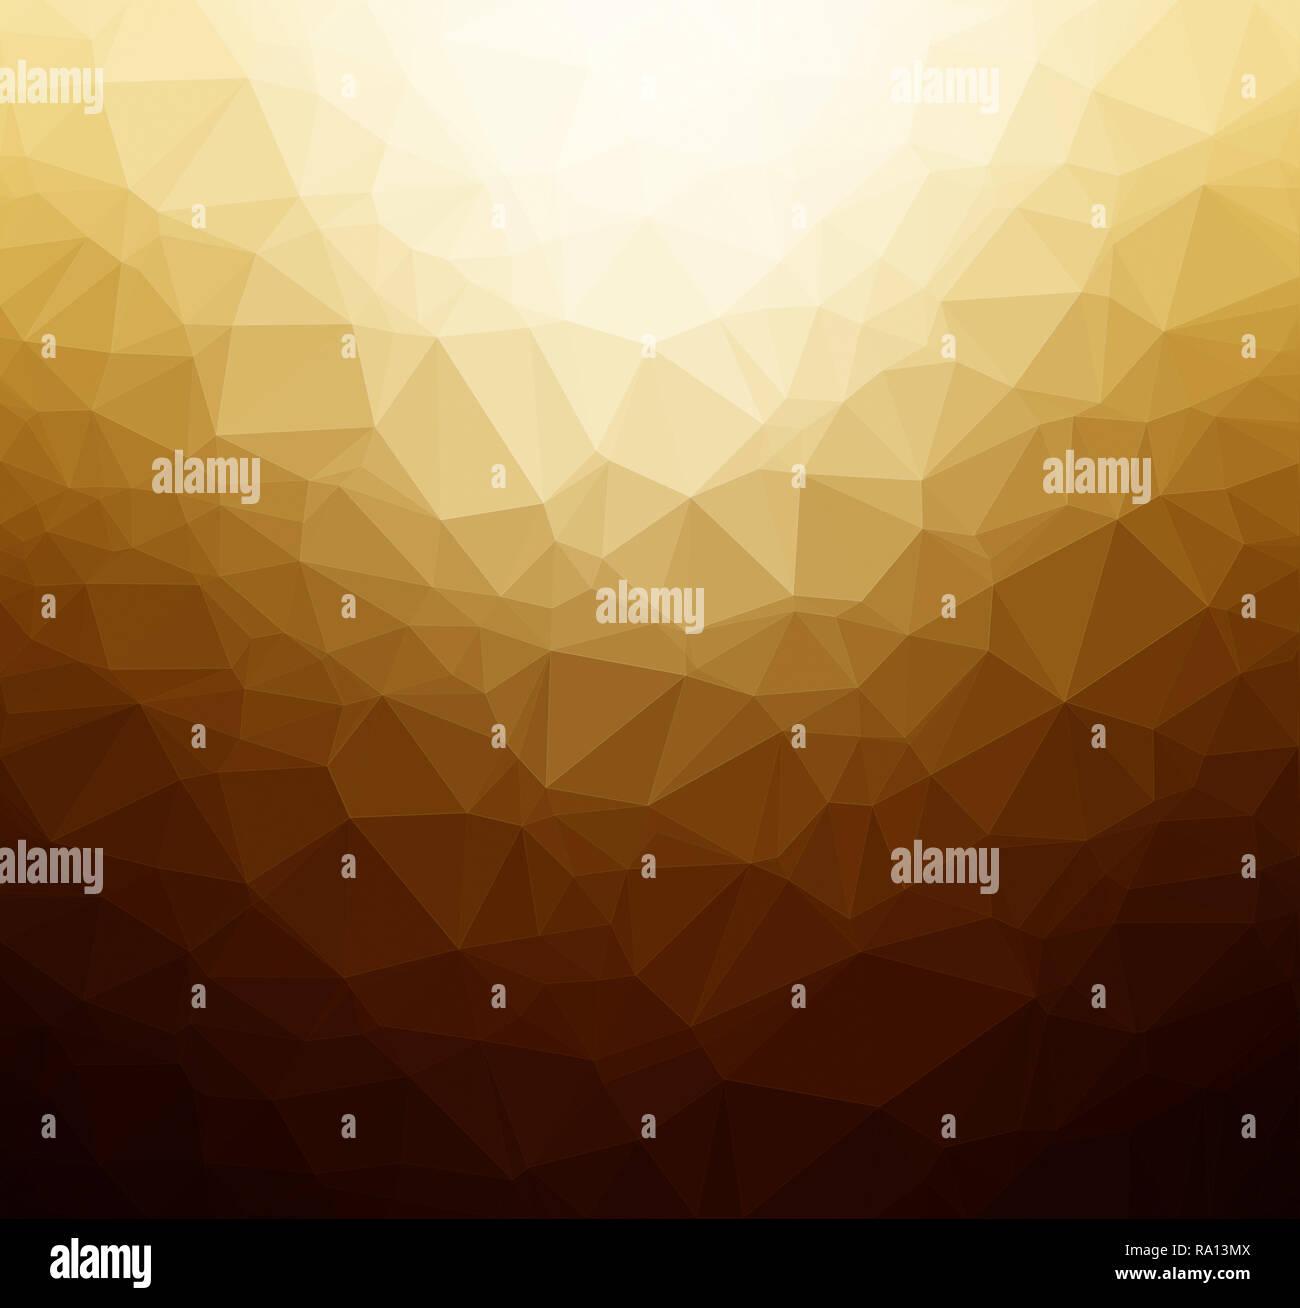 Alta risoluzione oro, arancione e marrone poligono colorato mosaico sfondo vettoriale. Abstract 3D bassa triangolare poli stile gradiente dello sfondo. Immagini Stock